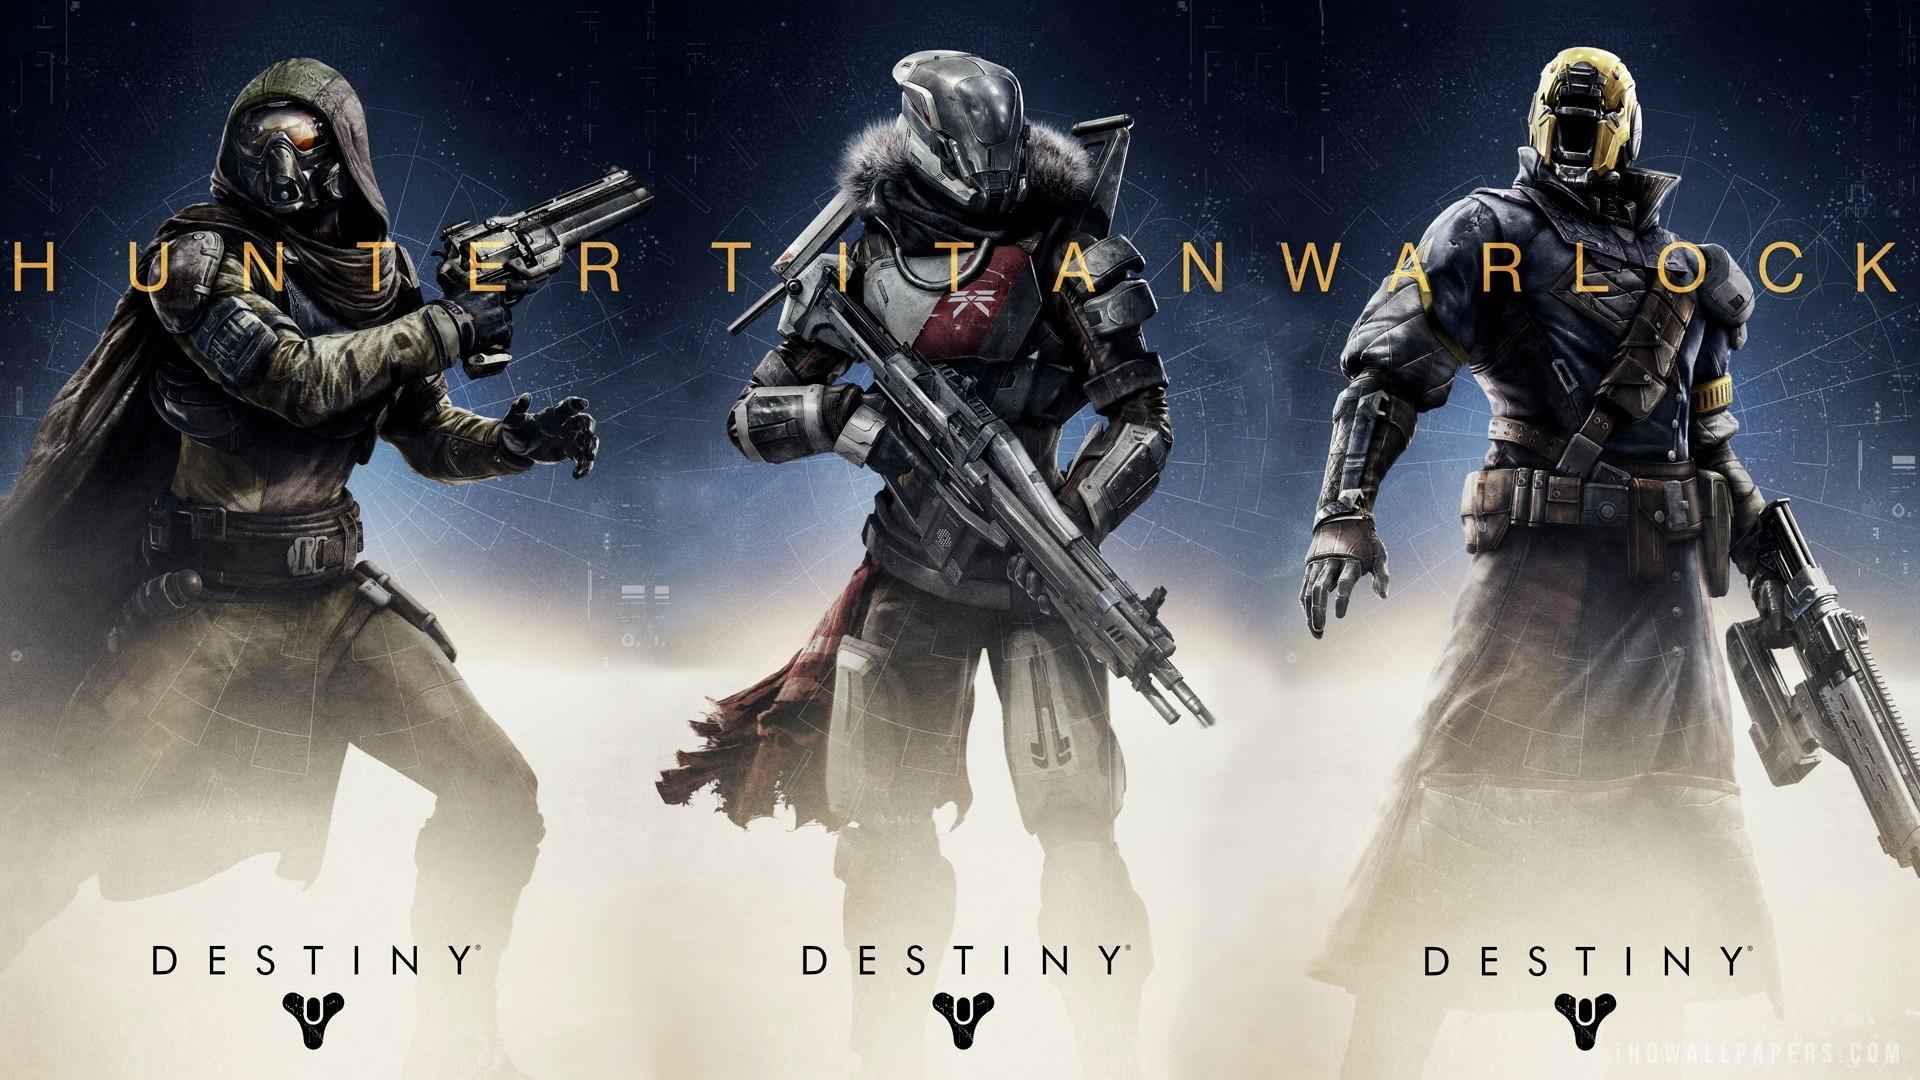 Destiny Hunter Titan Warlock HD Wallpaper – iHD Wallpapers